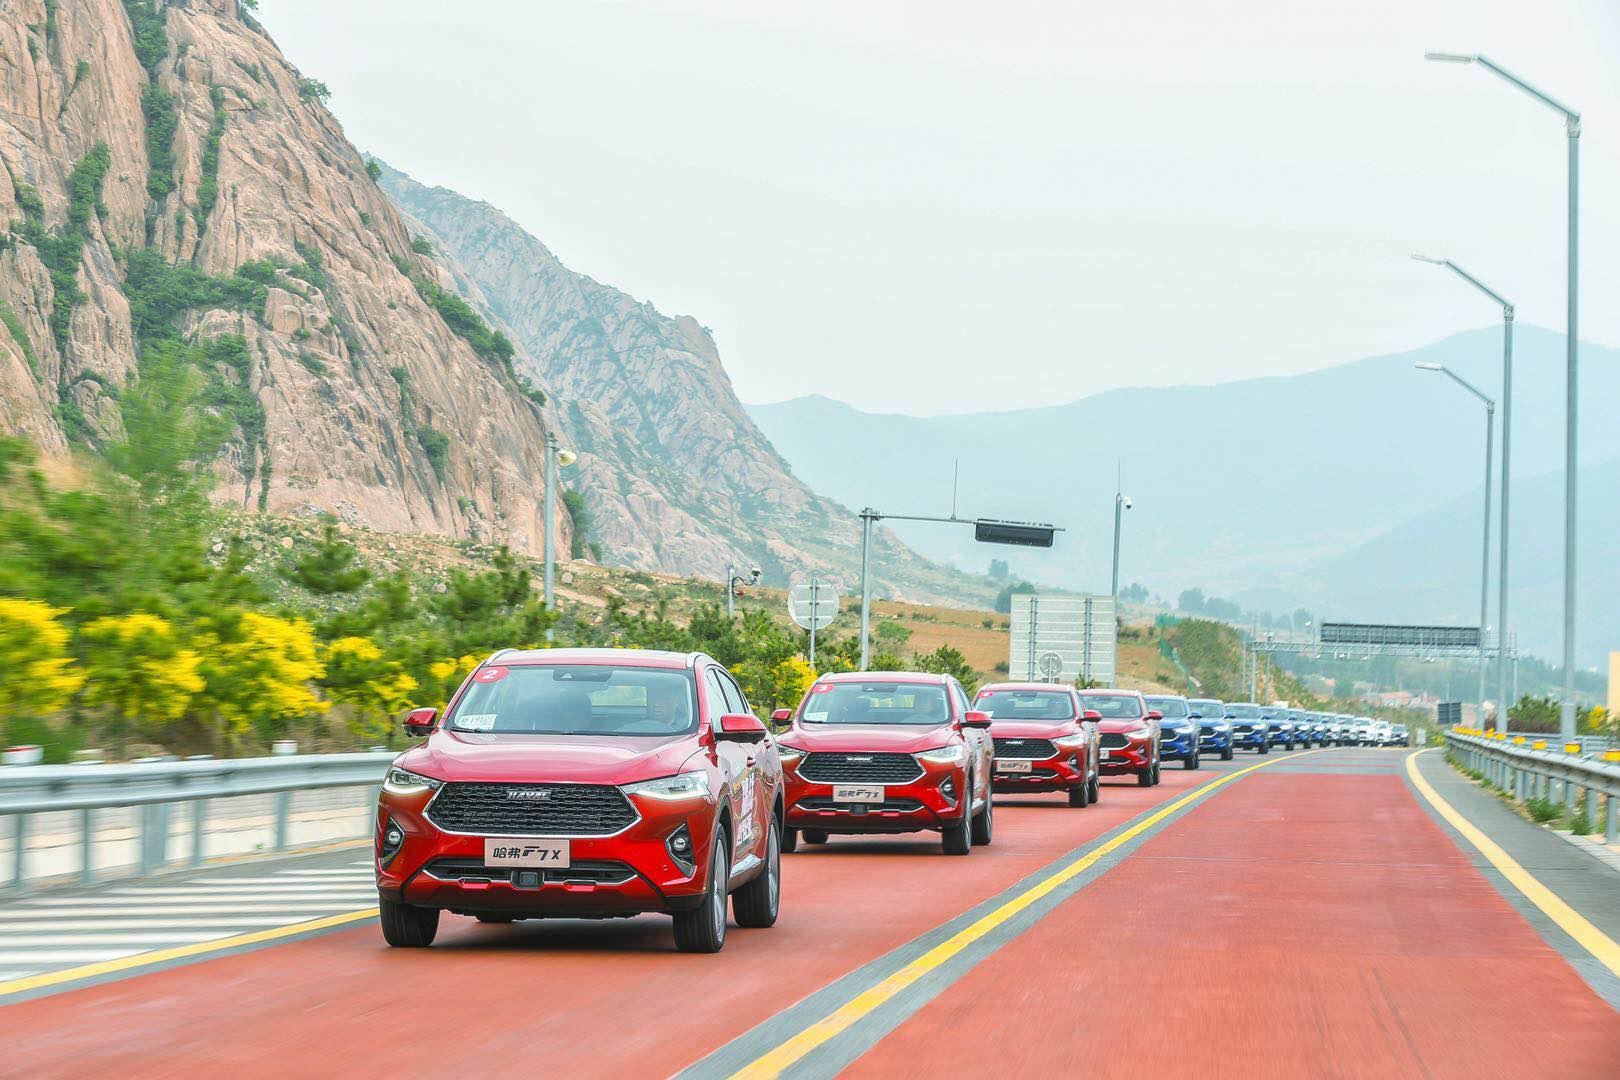 17台车自动驾驶17公里!哈弗F7x L2级自动驾驶技术秀出真实力